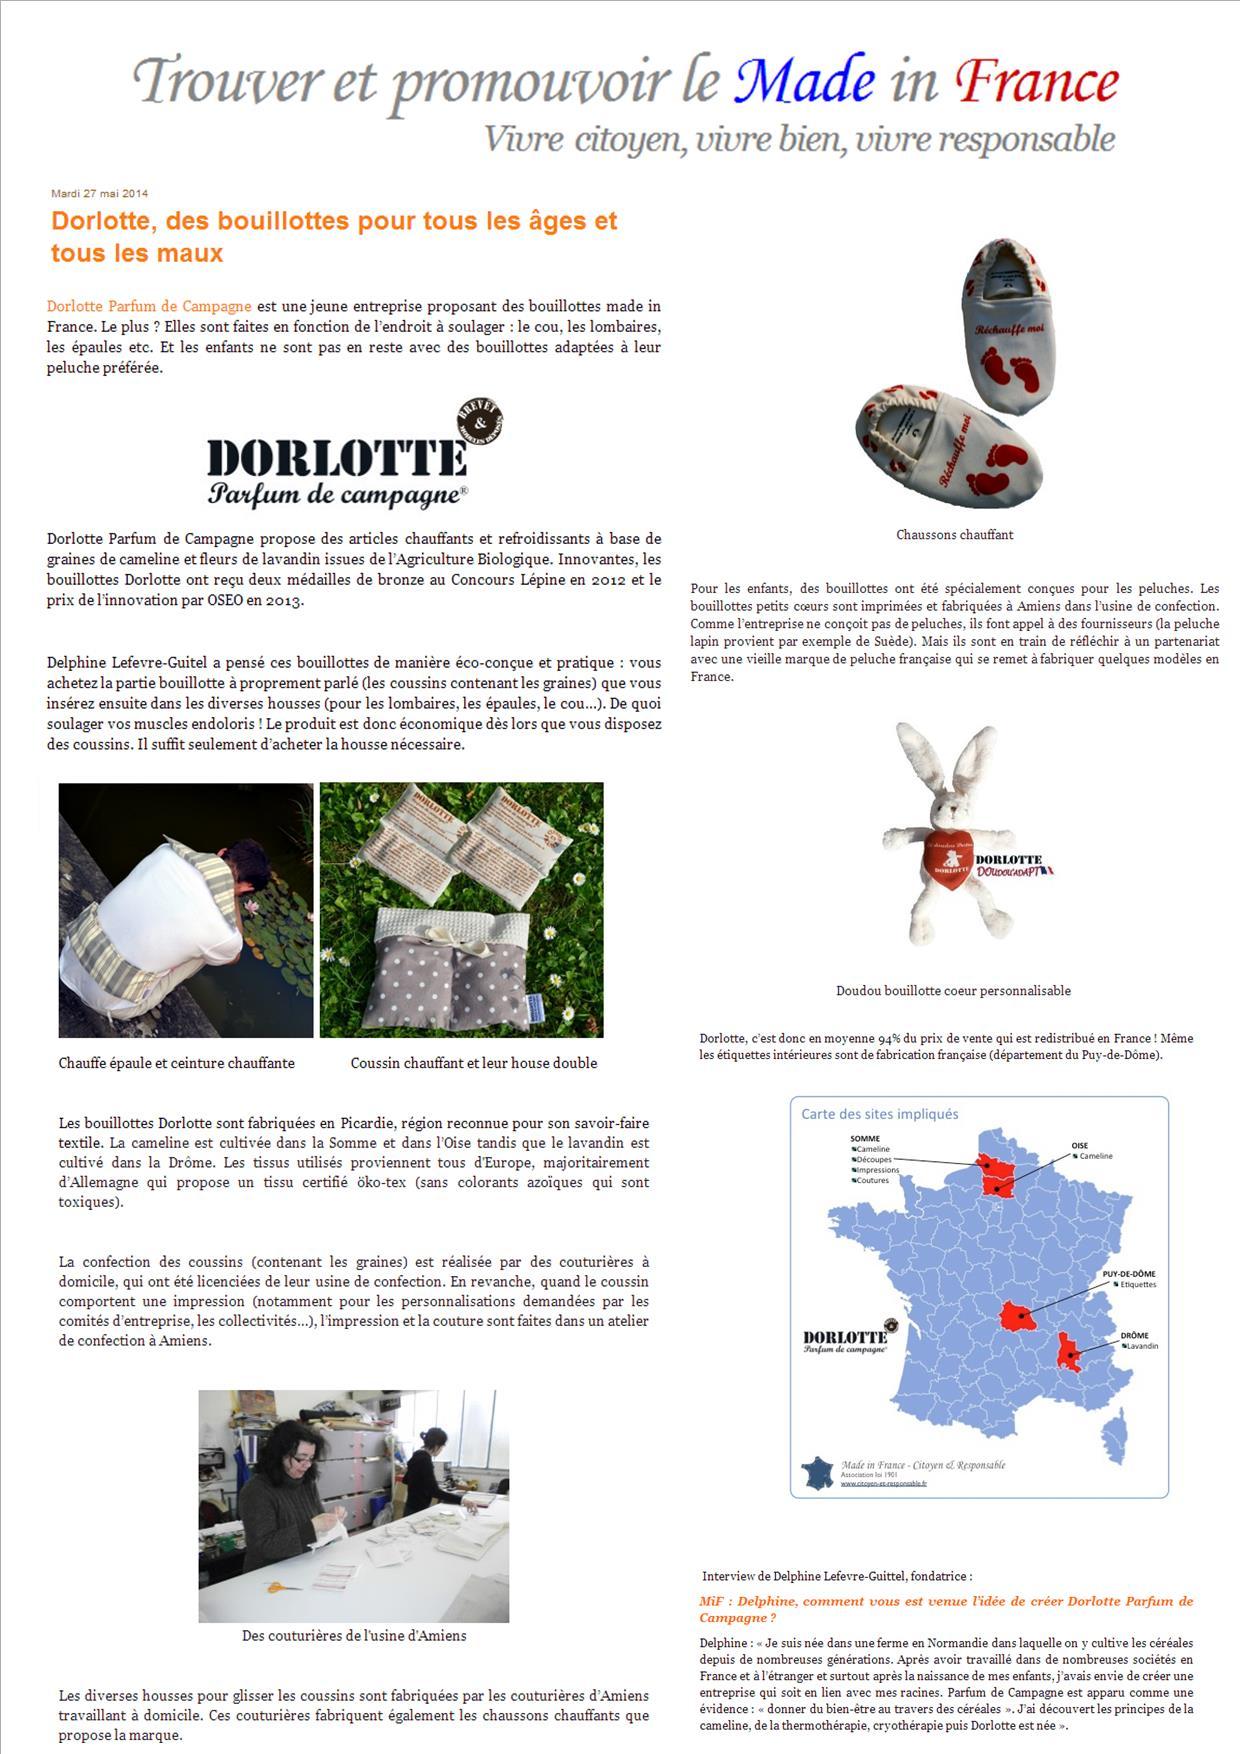 les bouillottes micro-ondes dorlotte made in  France sont sur le blog de Citoyen & Responsable